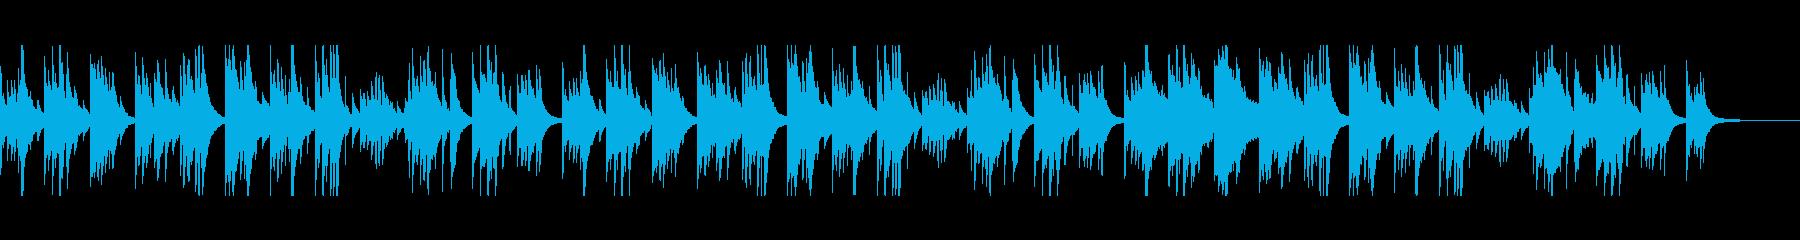 アルペジオアコースティックギター。...の再生済みの波形